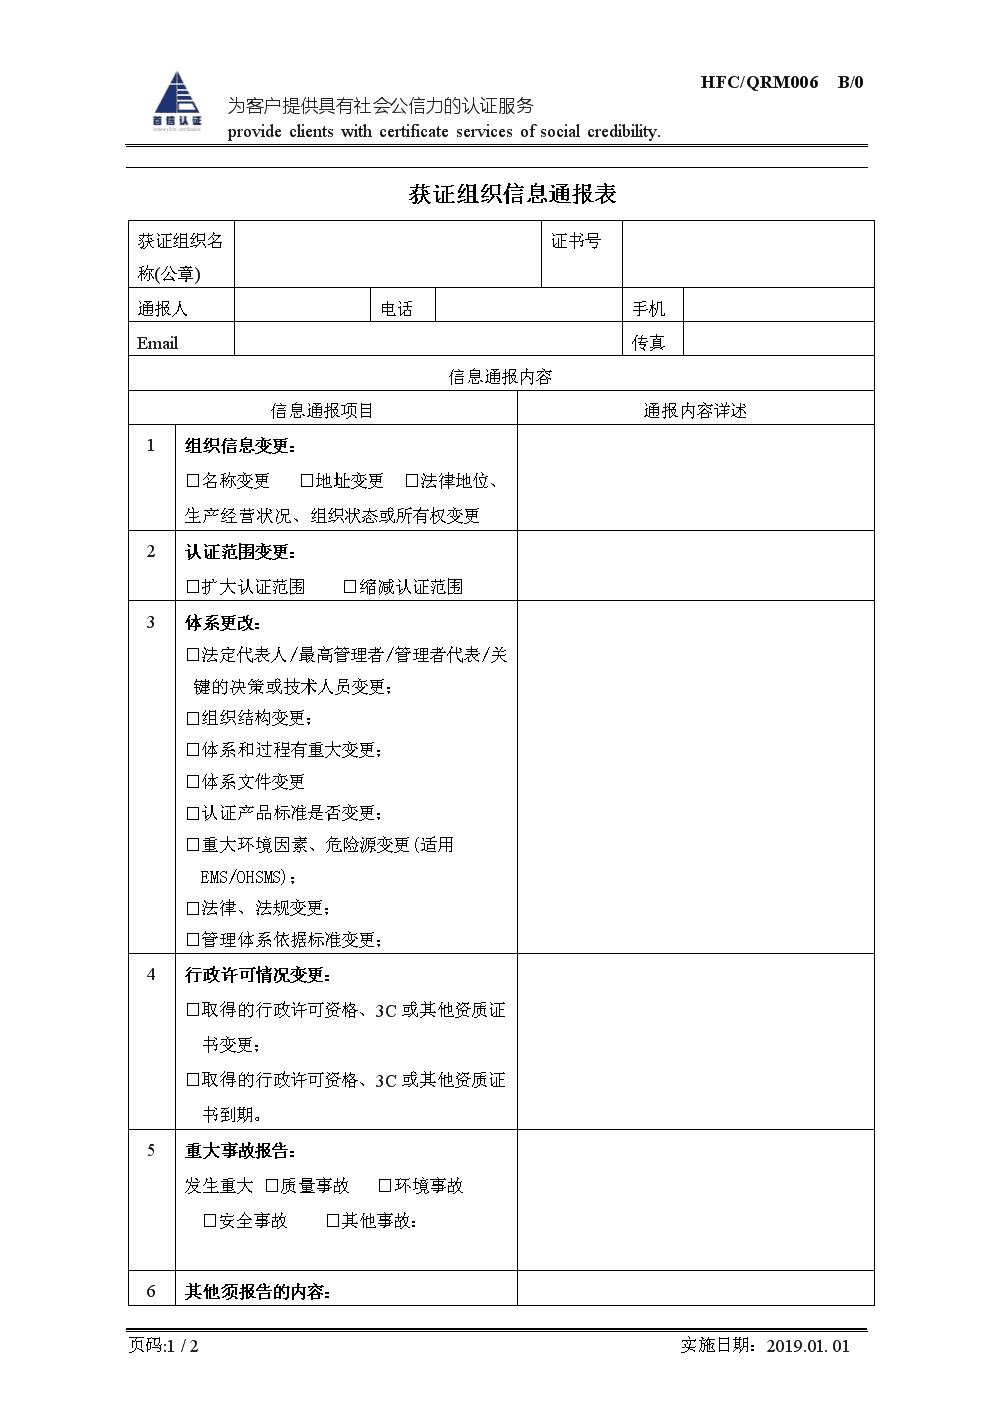 获证组织信息通报表.doc